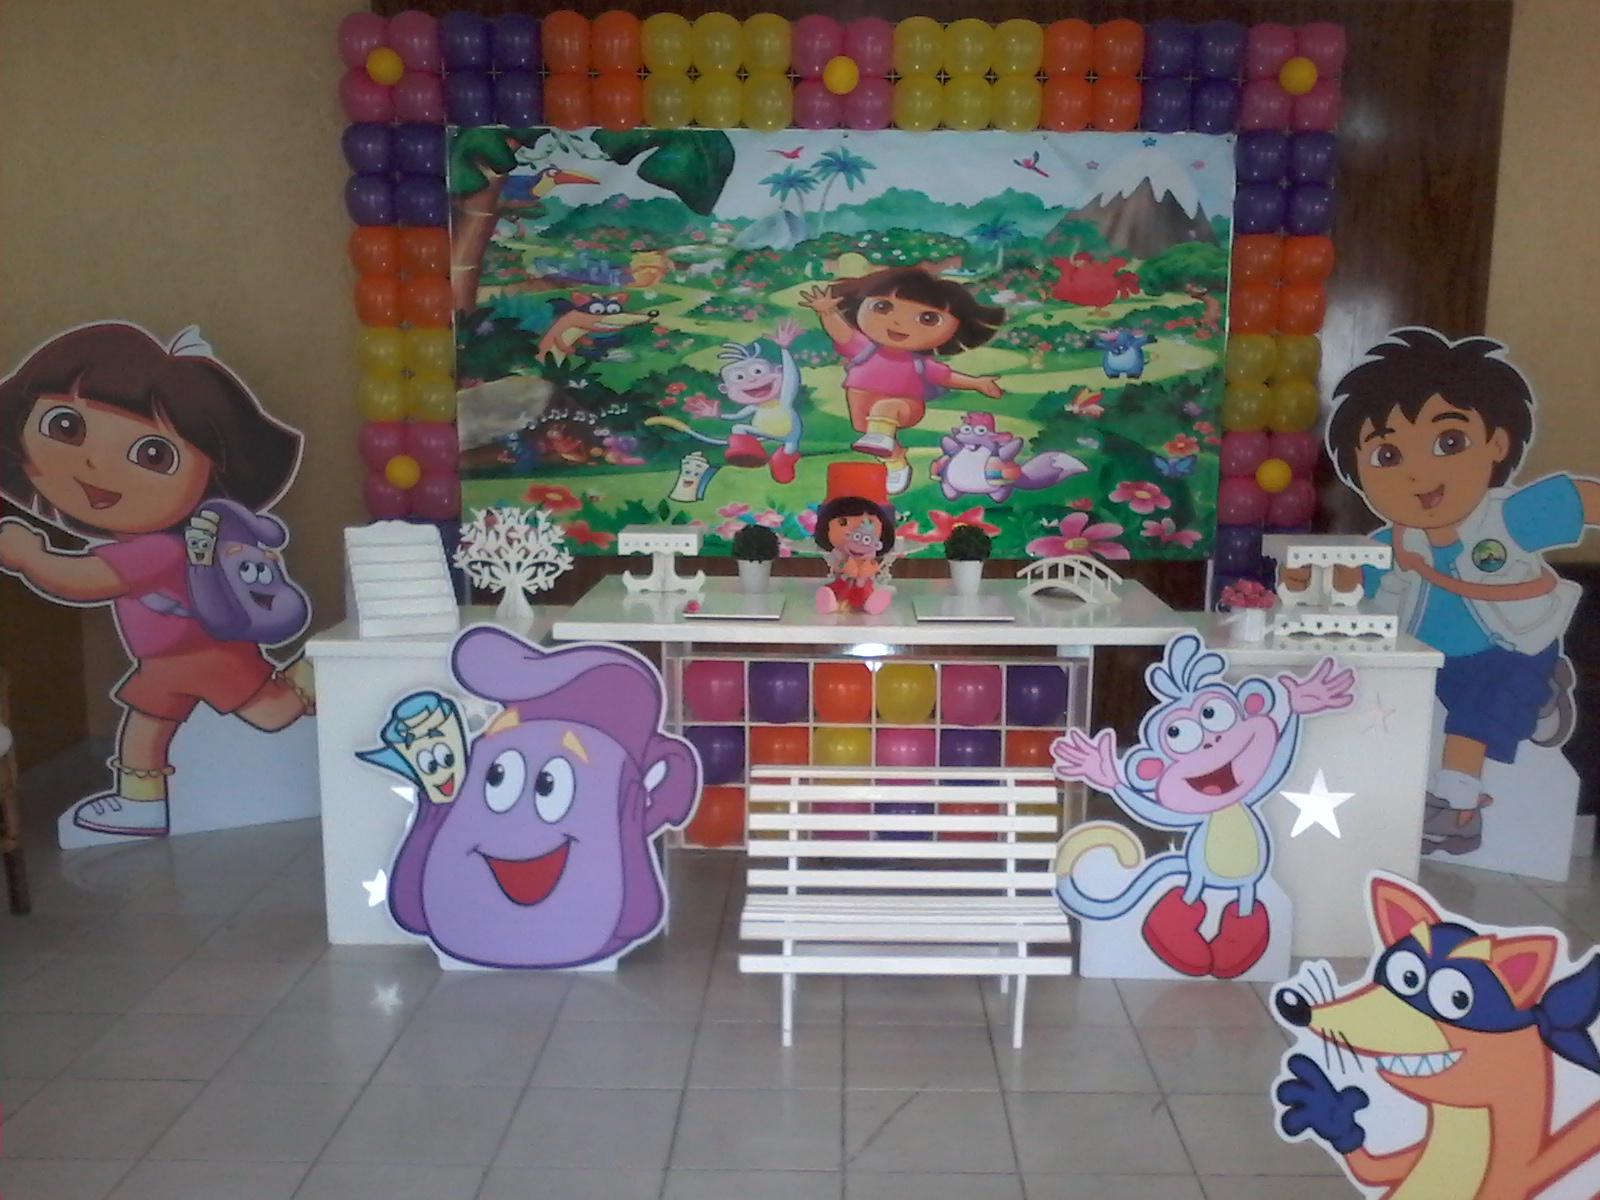 Curtam minha pagina:www.facebook.com/cleandecoracao